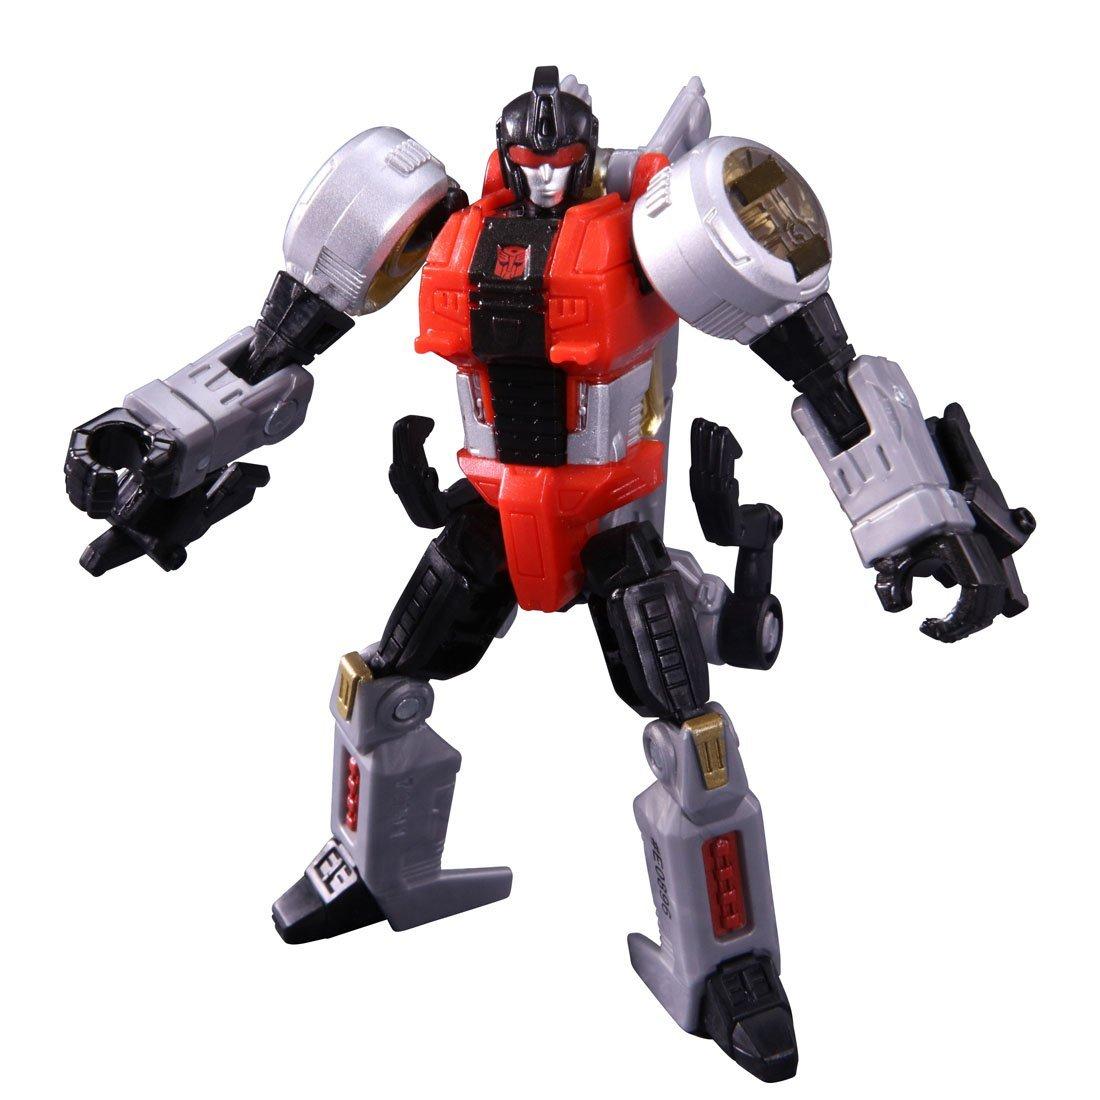 トランスフォーマー パワーオブザプライム PP-04 ダイノボットスラッシュ-001